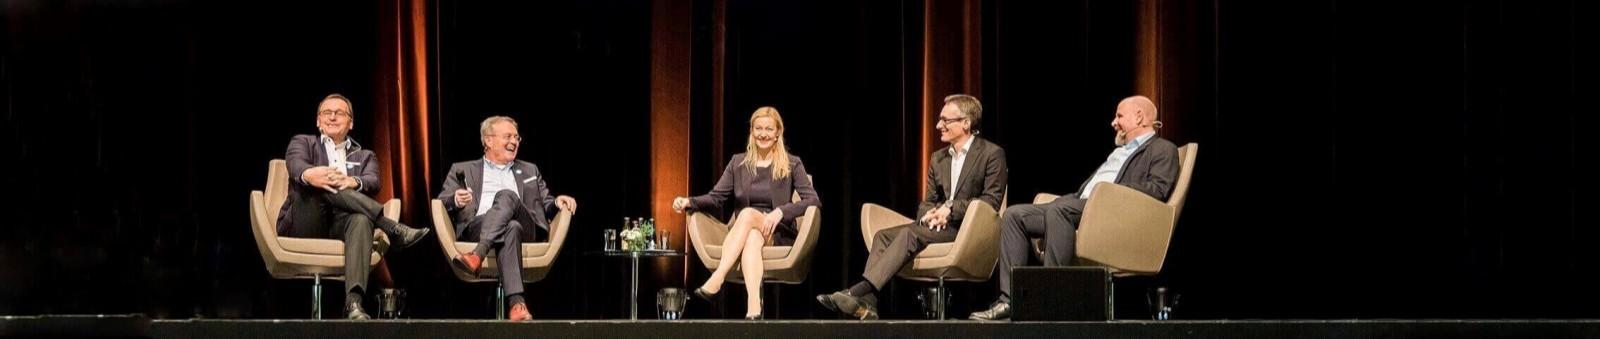 Carmen Hentschel ist Moderatorin von Podiumsdiskussionen zum Thema Mobilität und Smart City